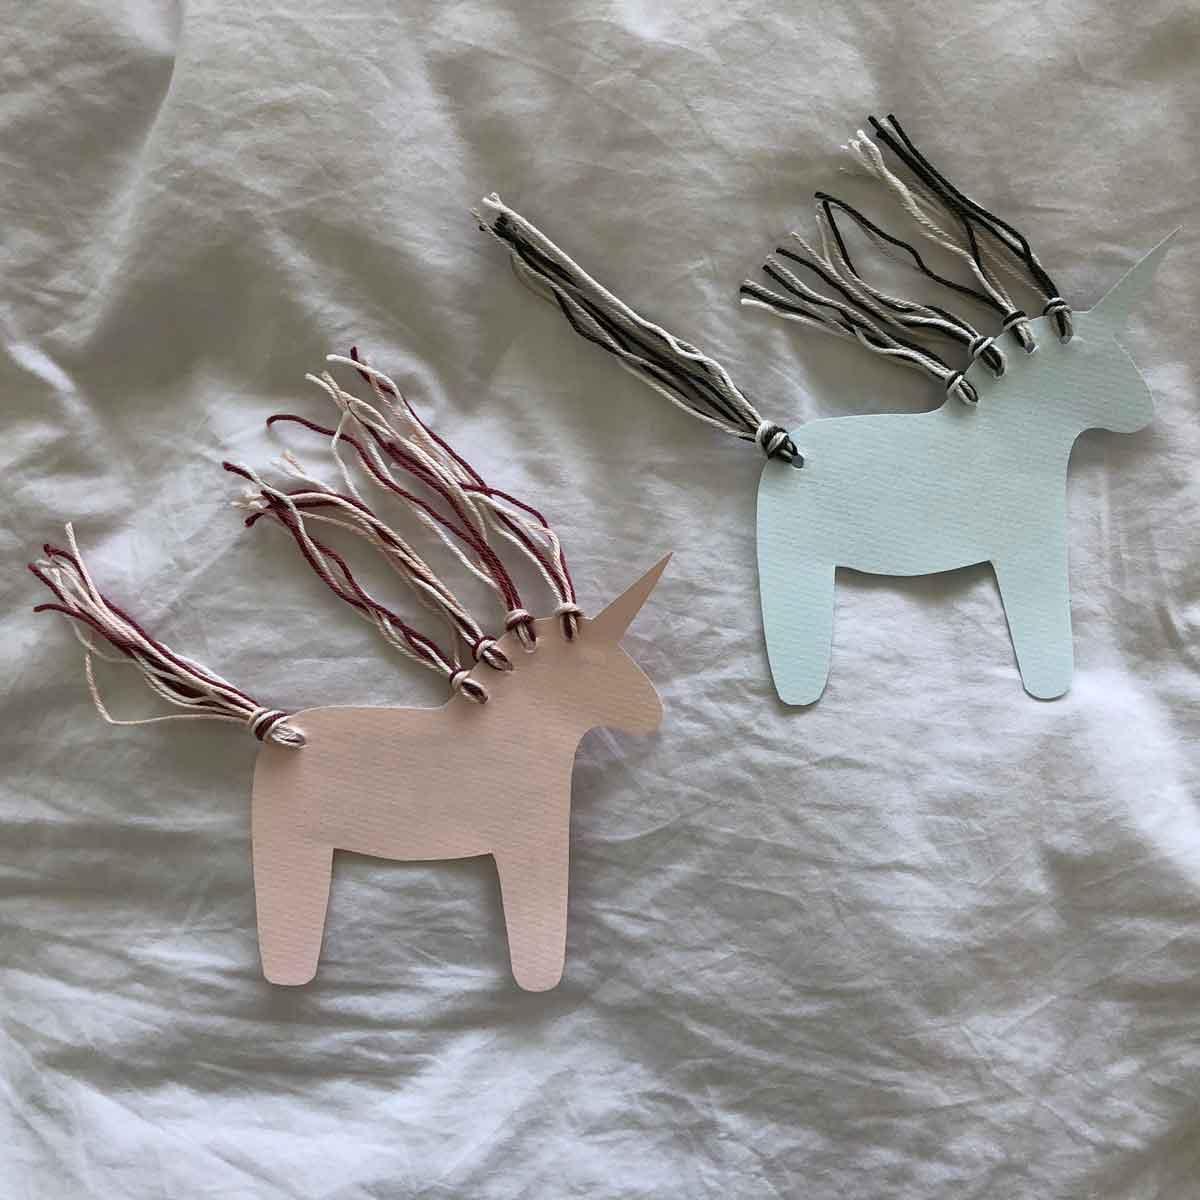 Einladung Geburtstag papier Einhorn leicht rosa blau Wolle - Kindergeburtstag | Von Einhörnern und dem Warten auf den großen Tag